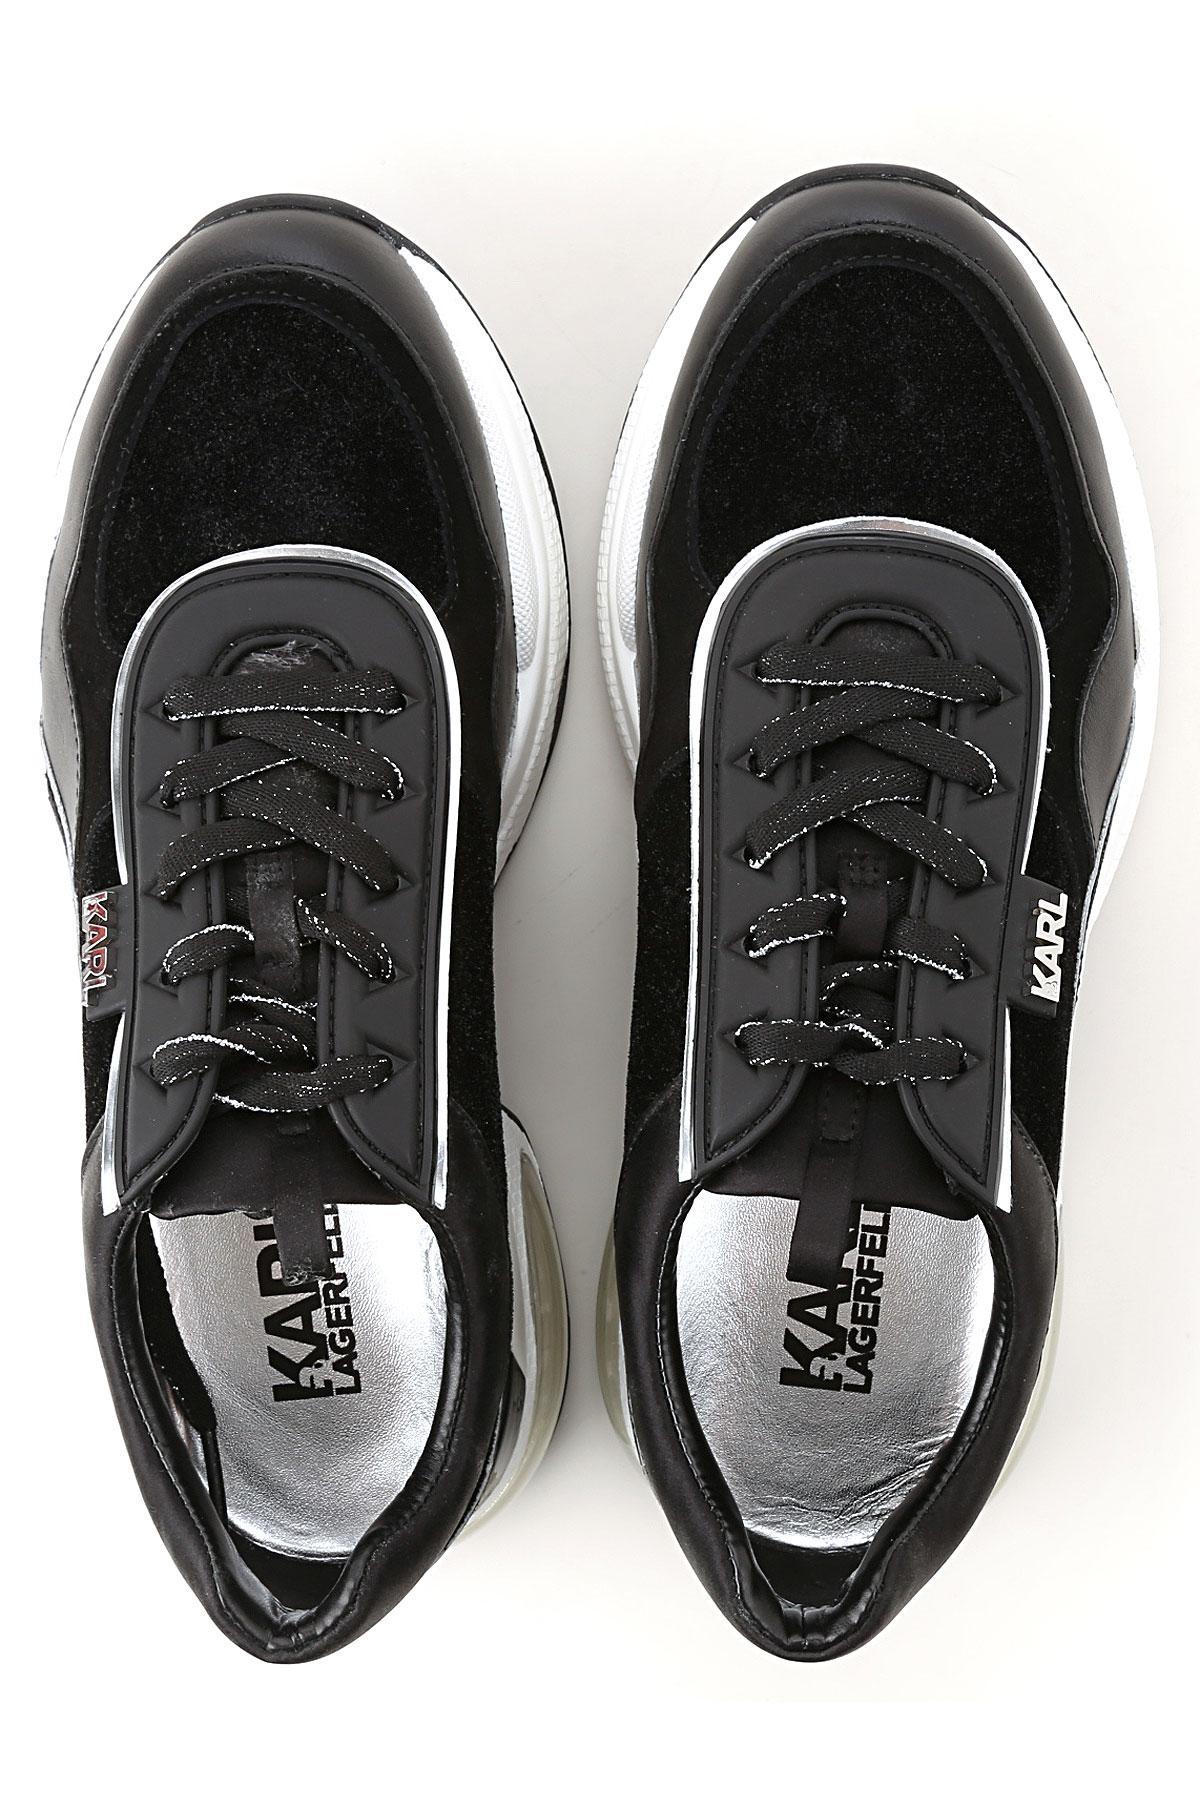 Zapatillas Deportivas de Mujer Karl Lagerfeld de color Negro